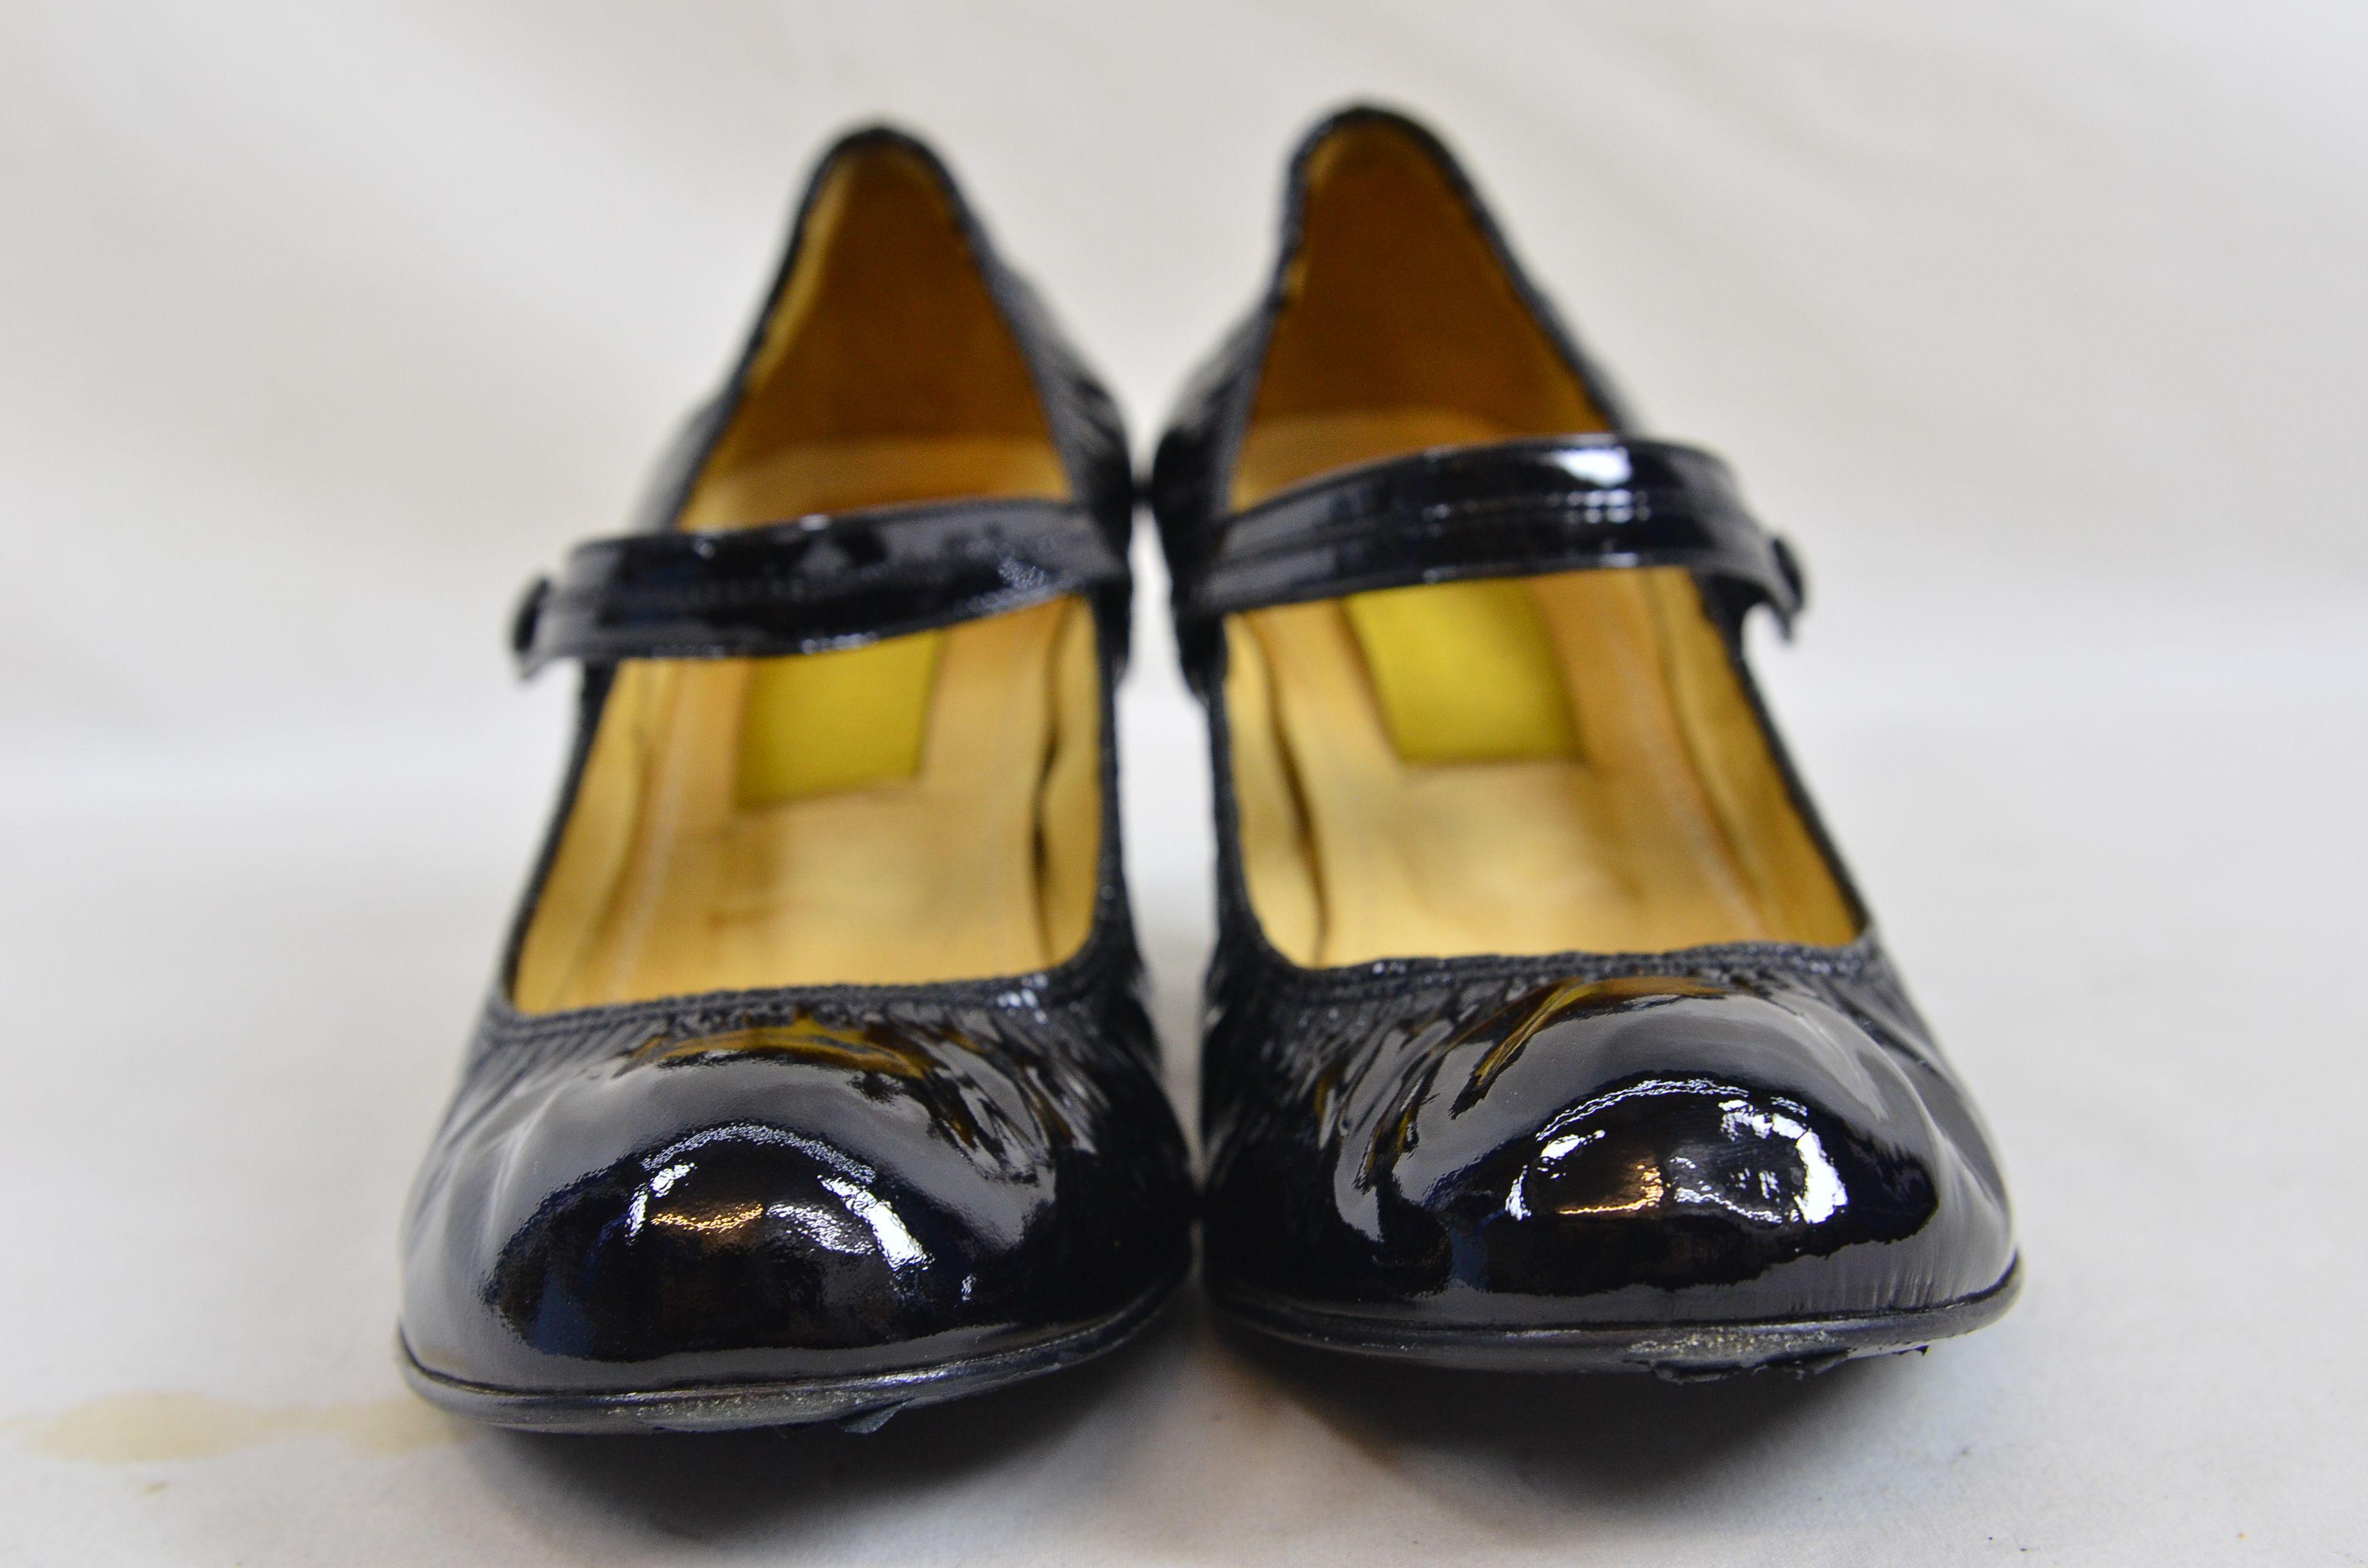 bdd485b15ae Lanvin River 2007 Ballerinas Bride Velvet Lamb Heel Ballet Black Shoe 2.  Open Full-Size Image